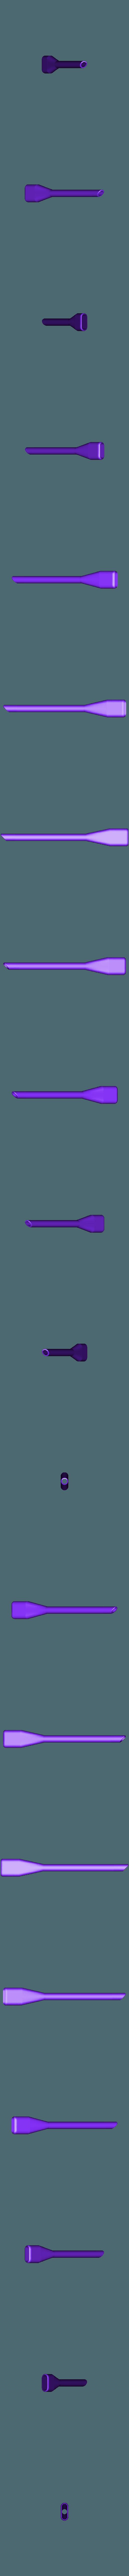 ICE - Embout Dyson v2.stl Télécharger fichier STL gratuit Réduction pour aspirateur Dyson • Design à imprimer en 3D, Icedragon